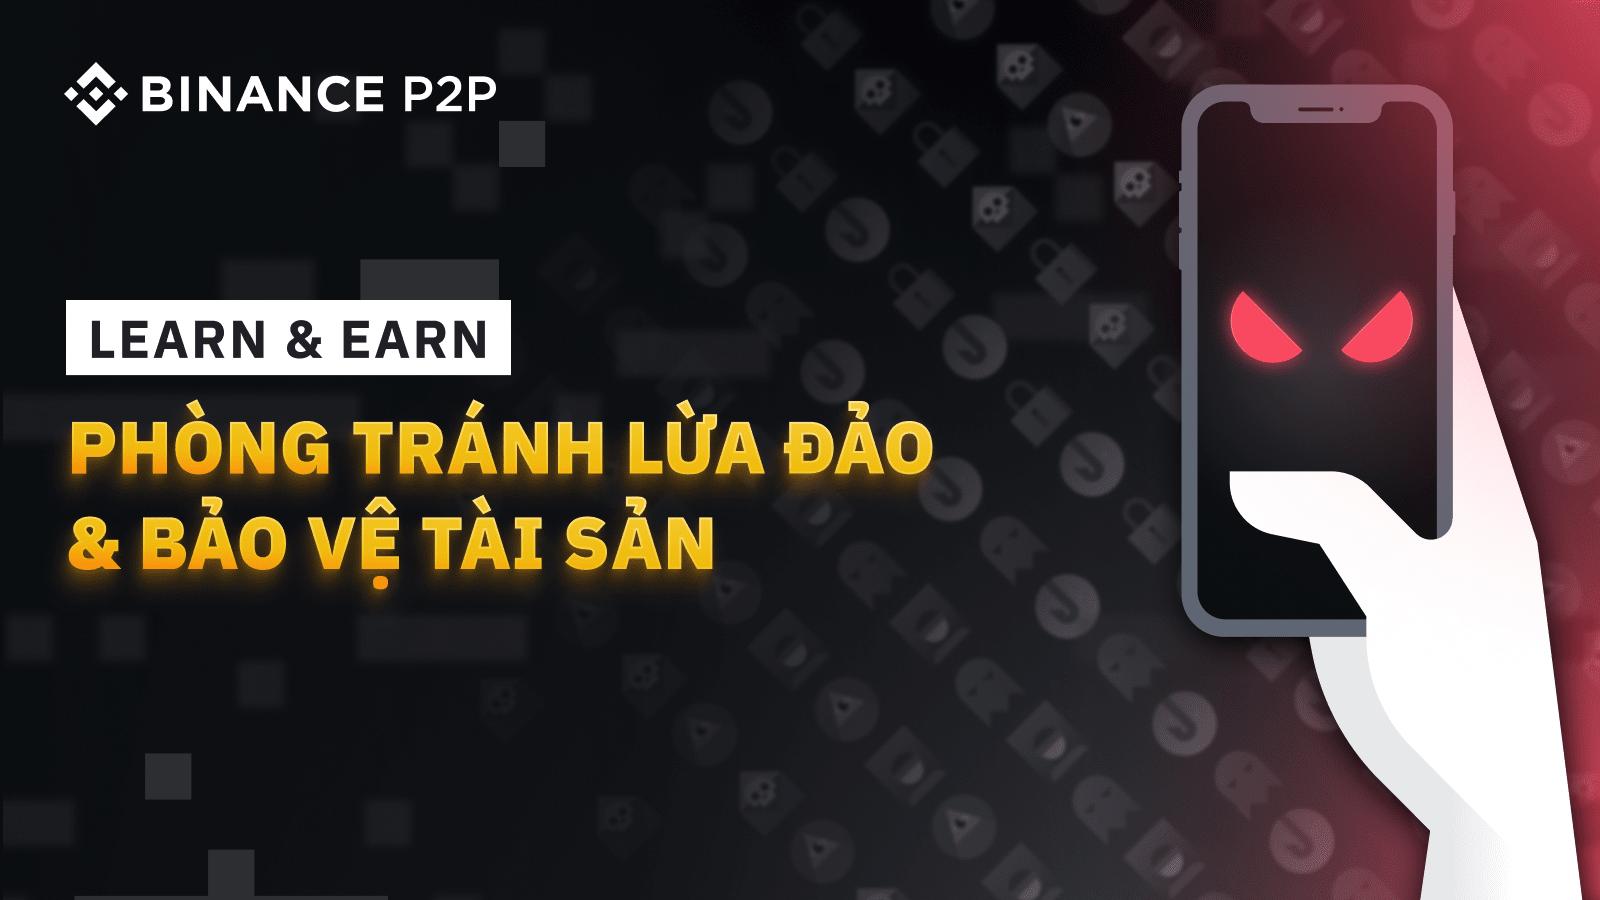 Cùng bắt đầu cập nhật kiến thức, Bảo vệ tài sản & Rinh quà cùng Learn & Earn với Binance P2P!